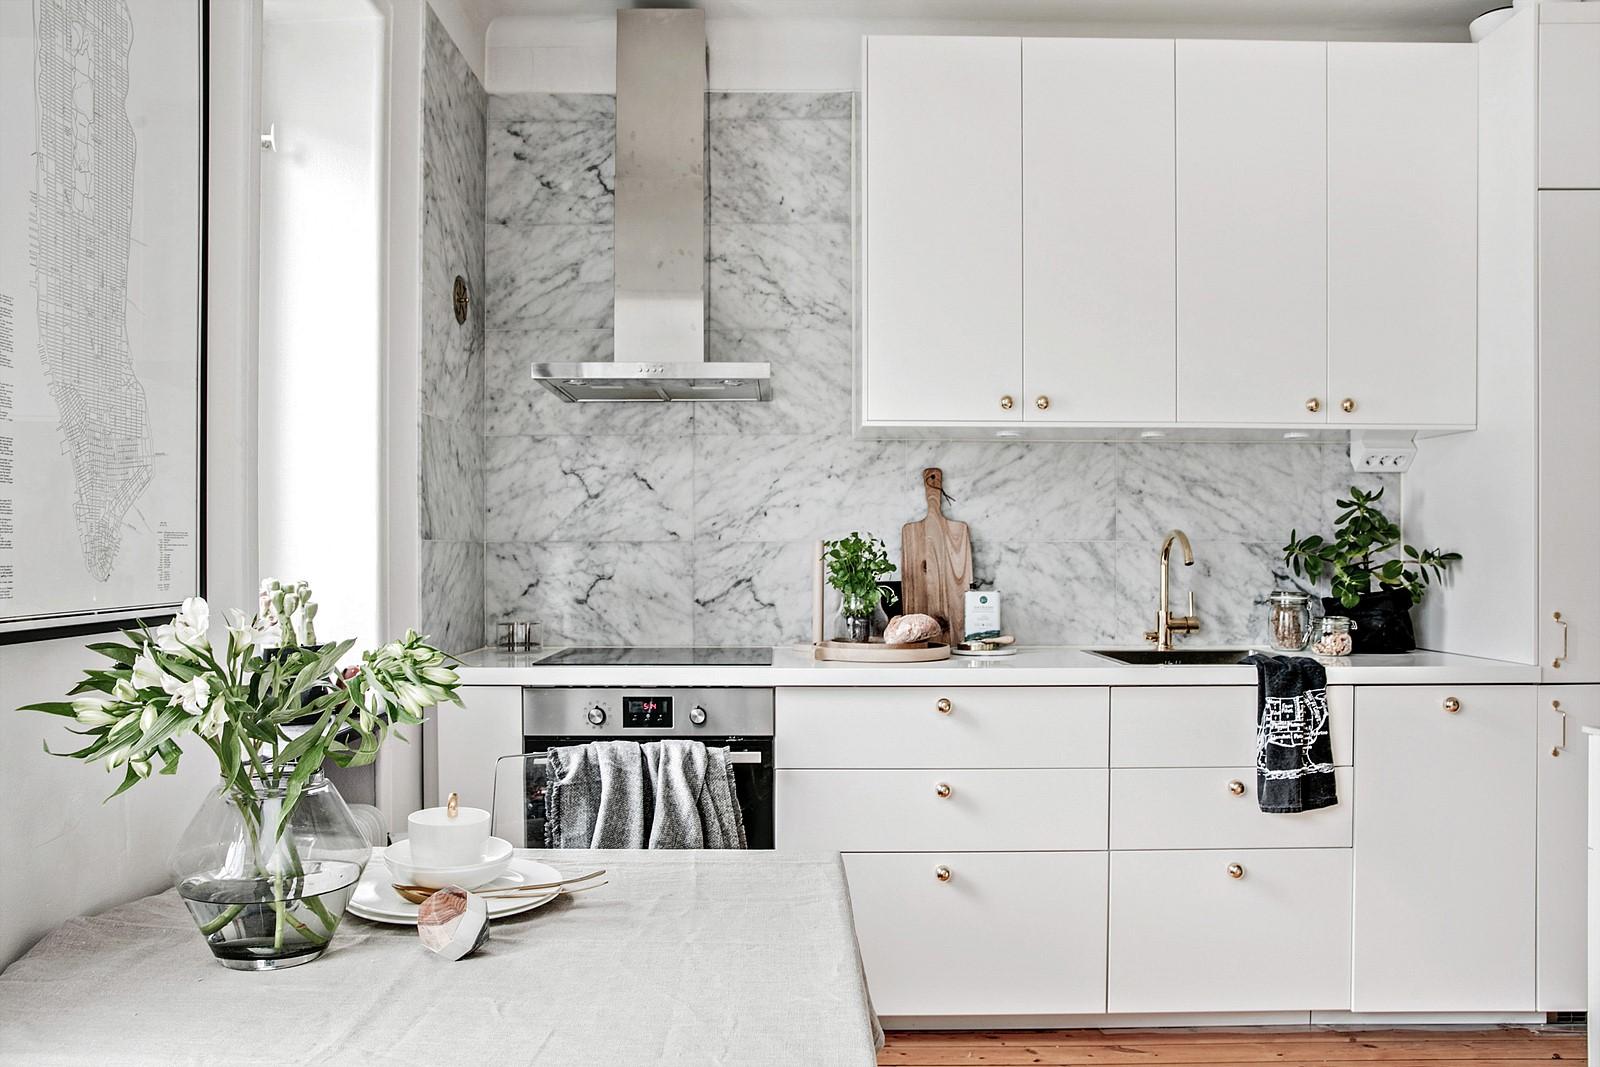 белая кухня плита вытяжка мойка